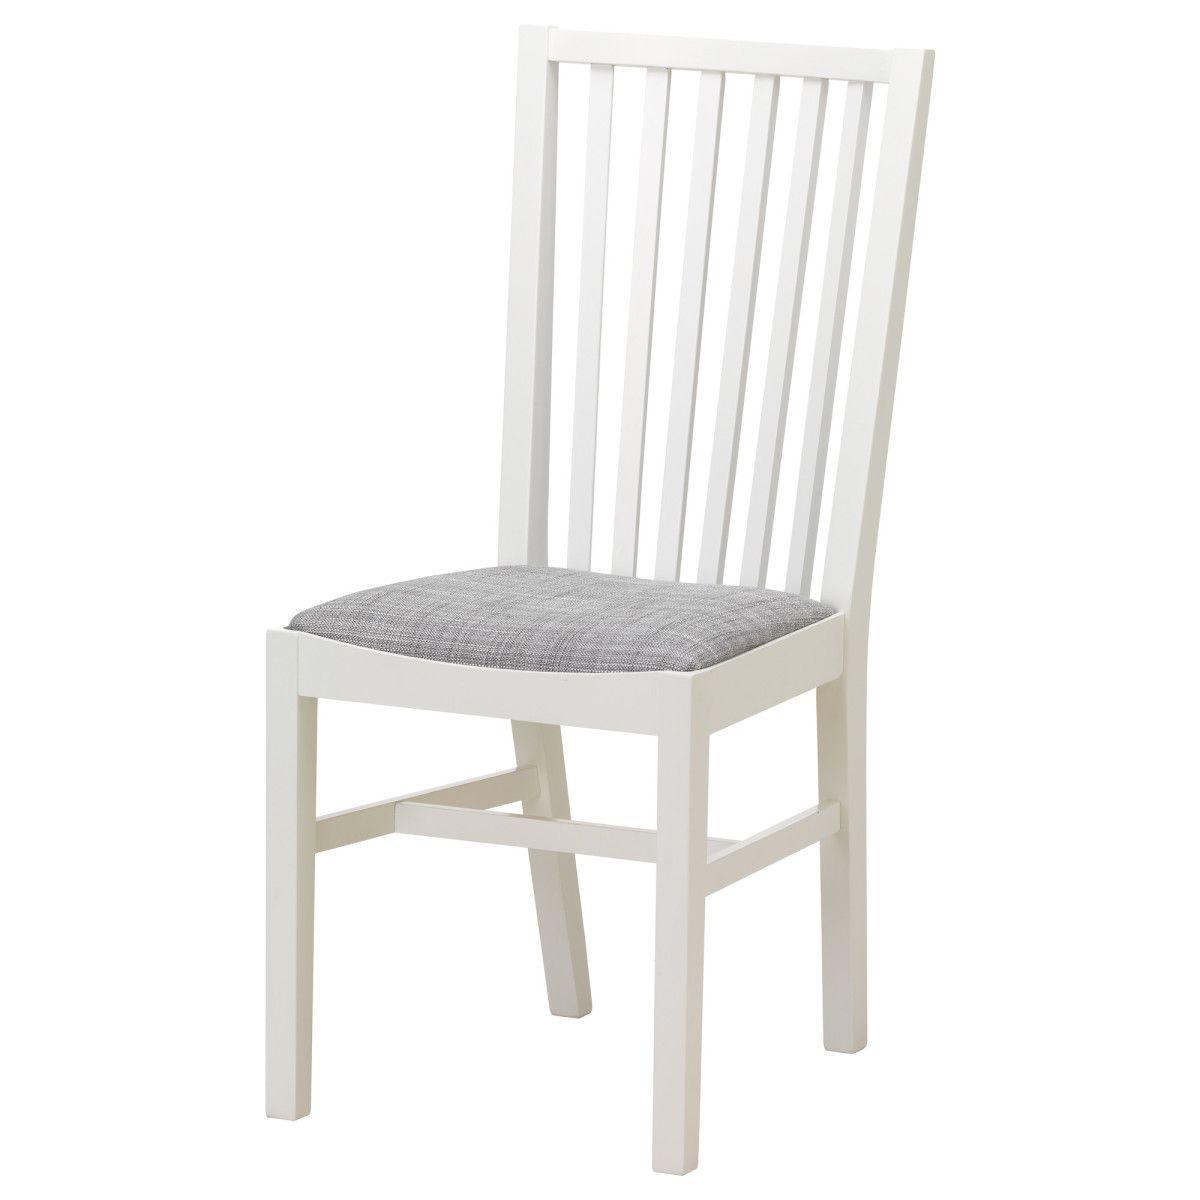 Stühle weiß grau  NORRNÄS, Stuhl, weiß, grau Jetzt bestellen unter: https://moebel ...